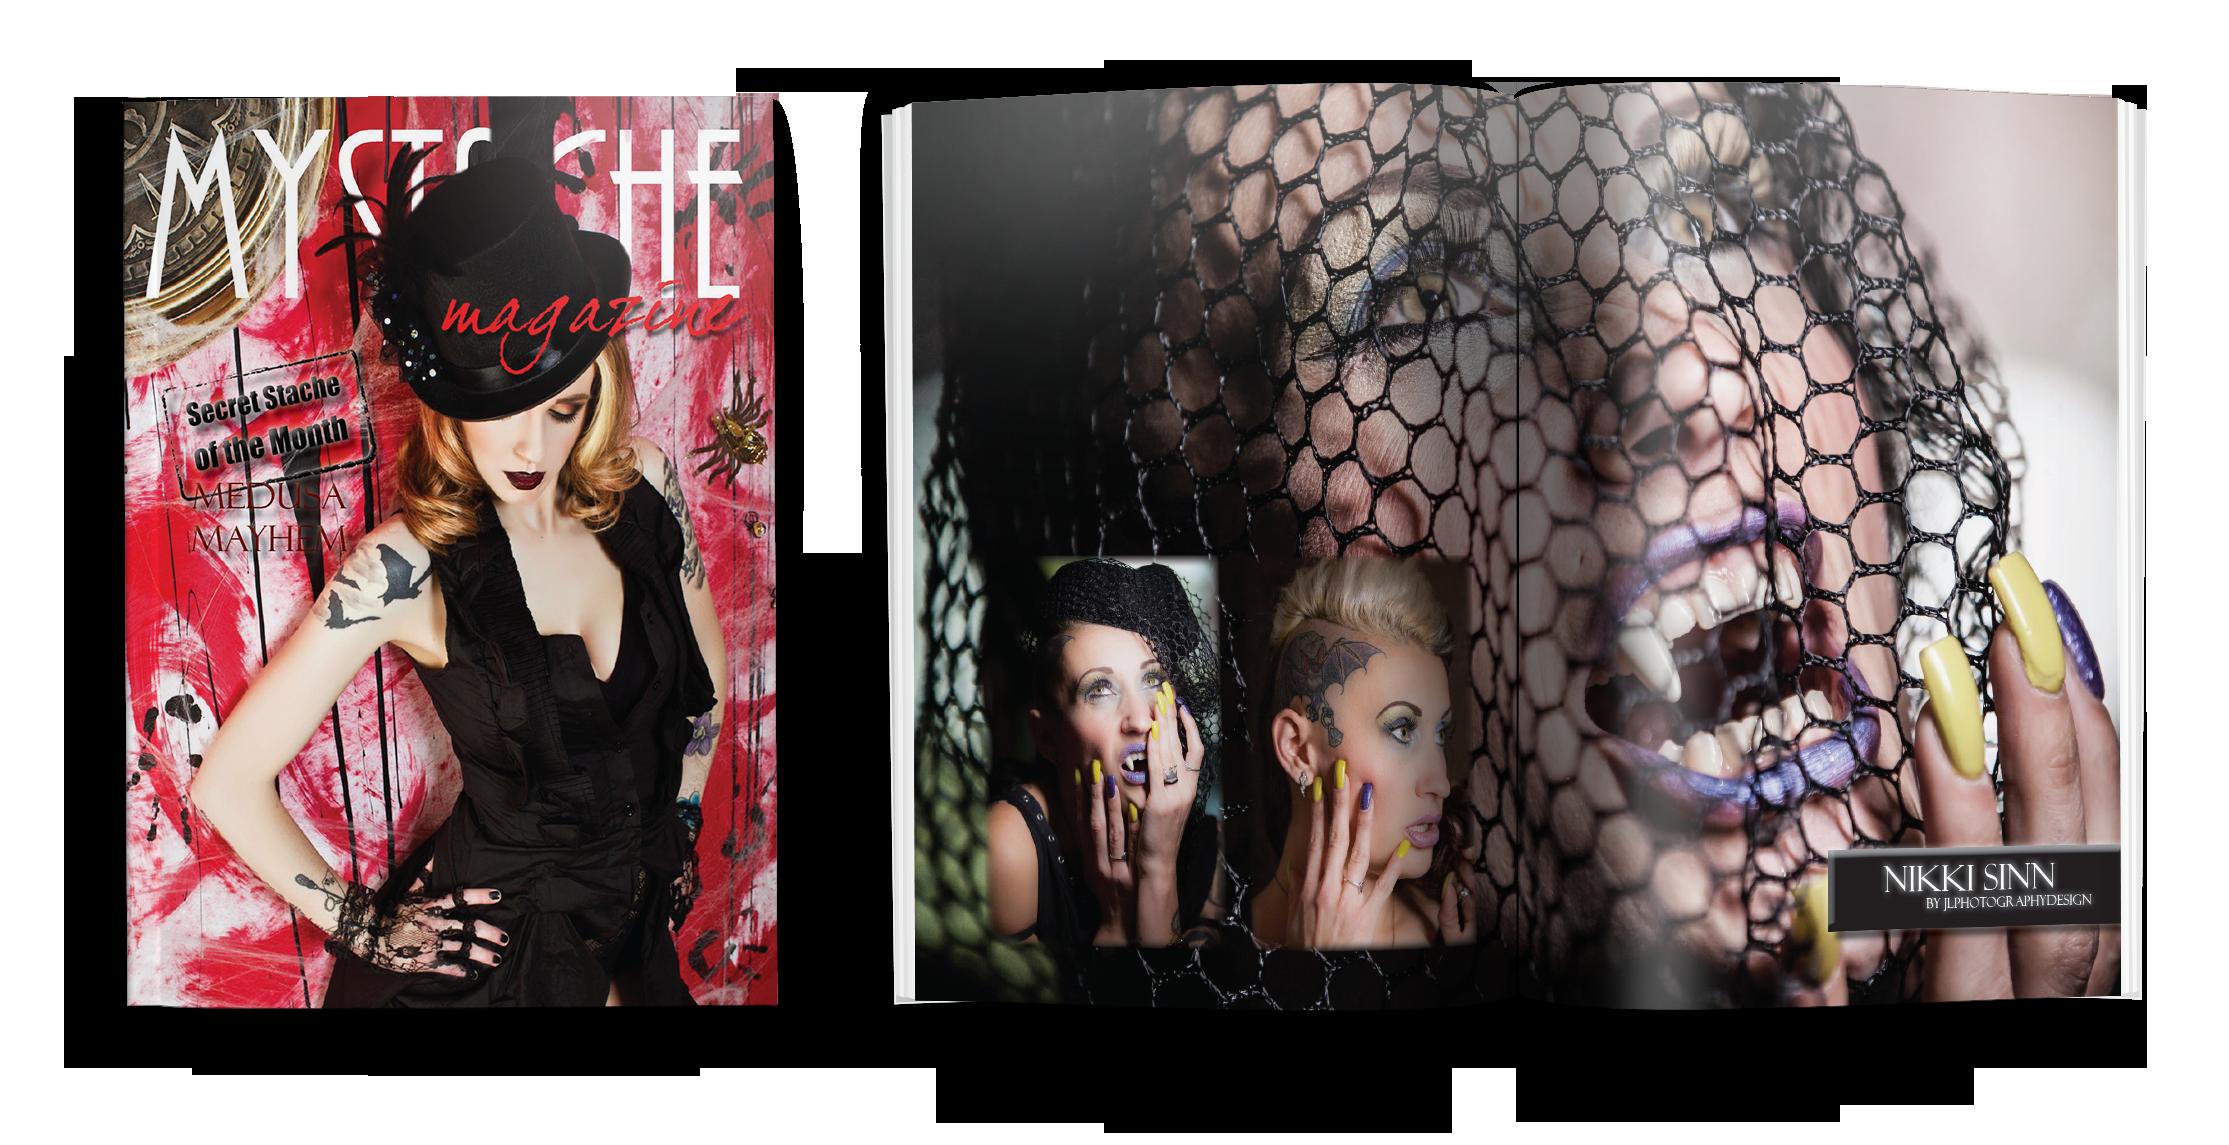 mystache_magazine_my_stache_halloweird_edition_render2.png